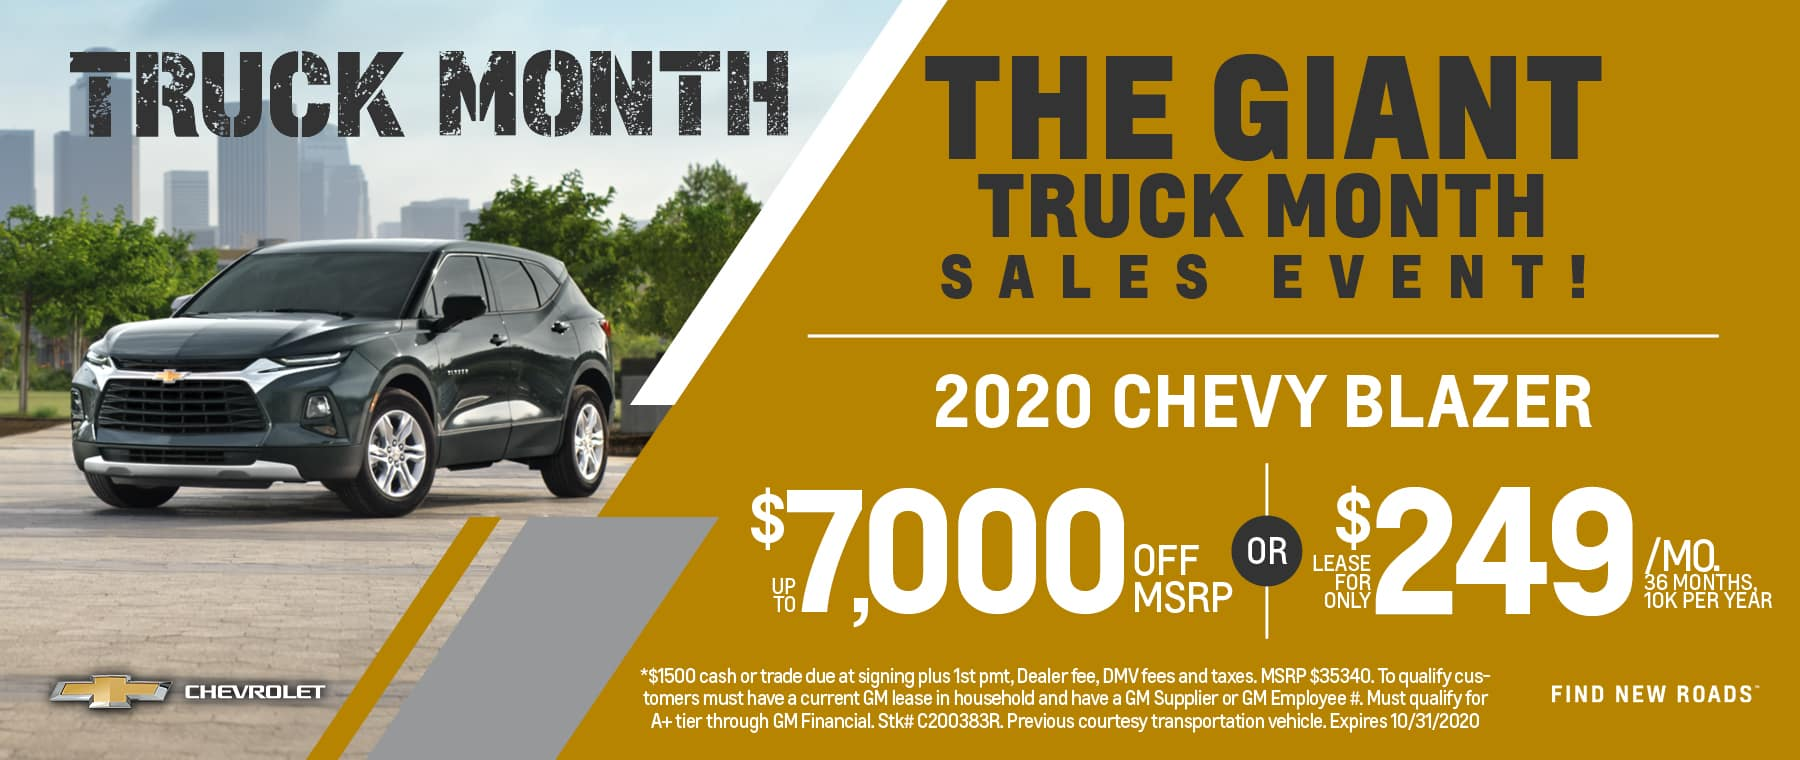 53173-WB-COWC Truck Month Rotators4